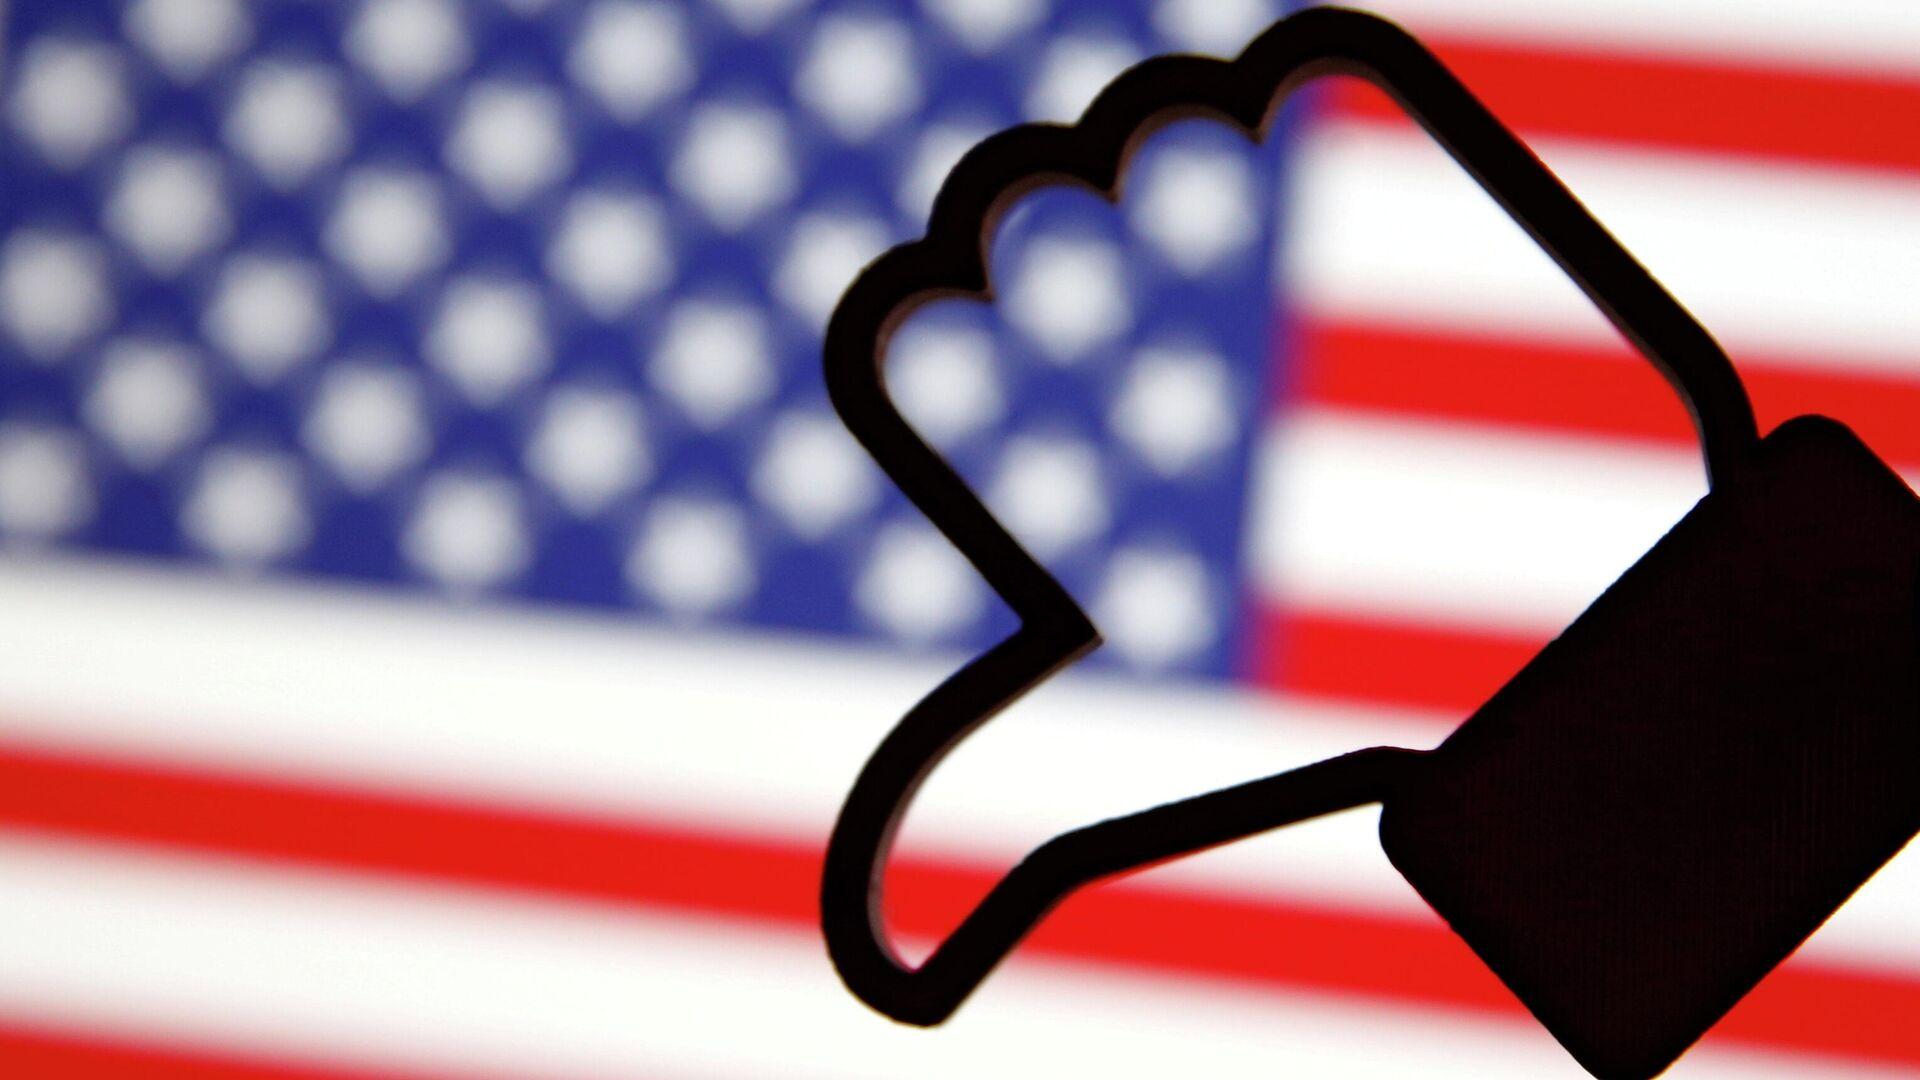 Símbolo de Me gusta en Facebook y bandera de EEUU - Sputnik Mundo, 1920, 05.05.2021